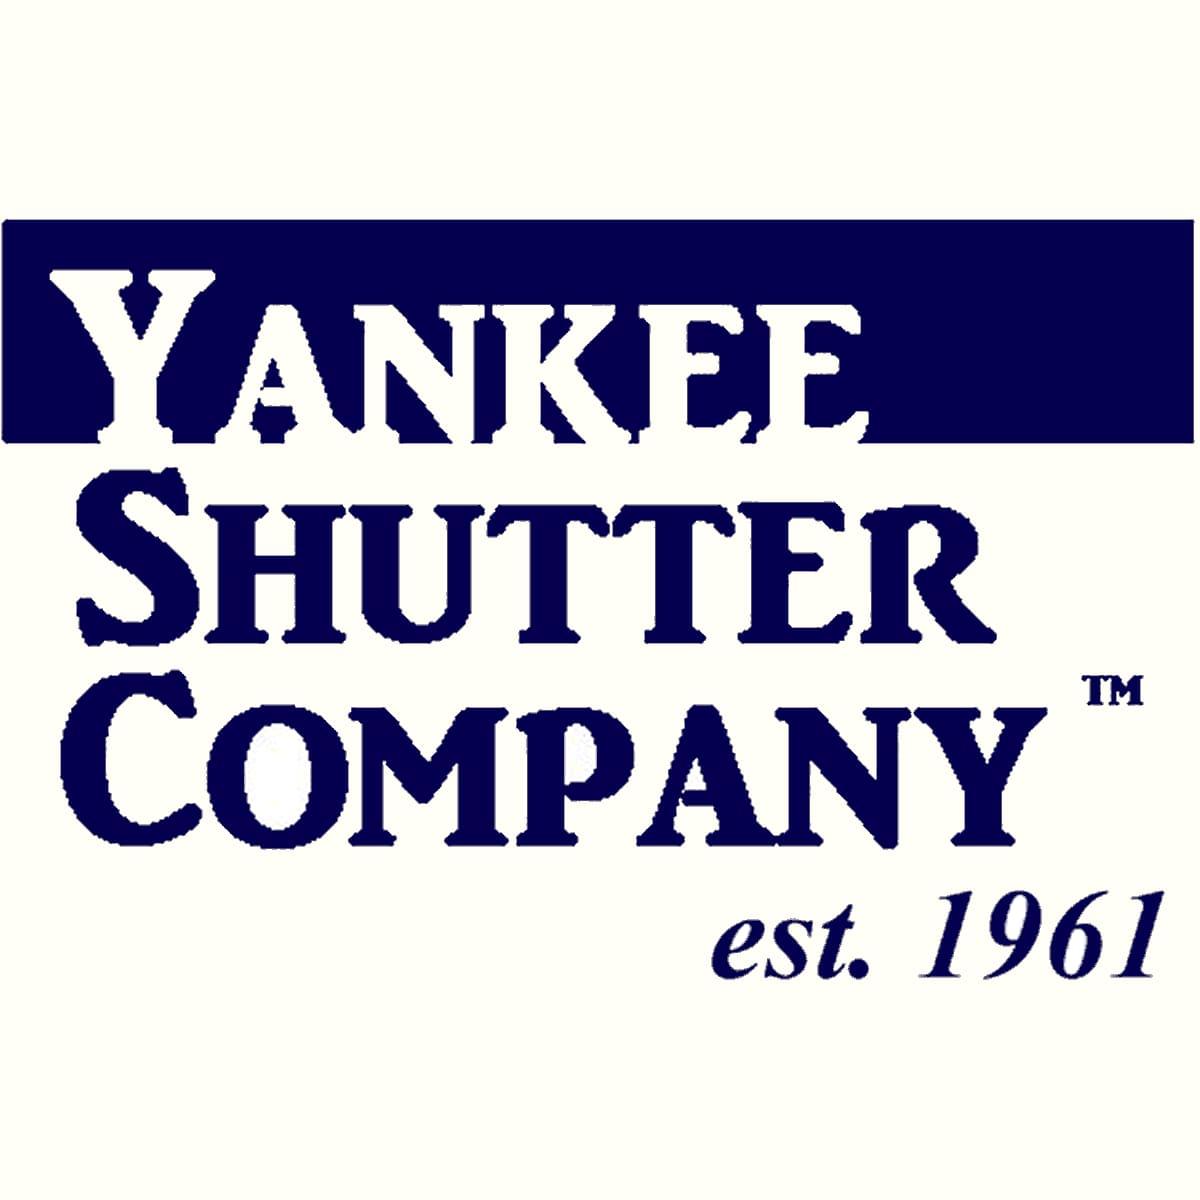 YANKEE SHUTTER CO